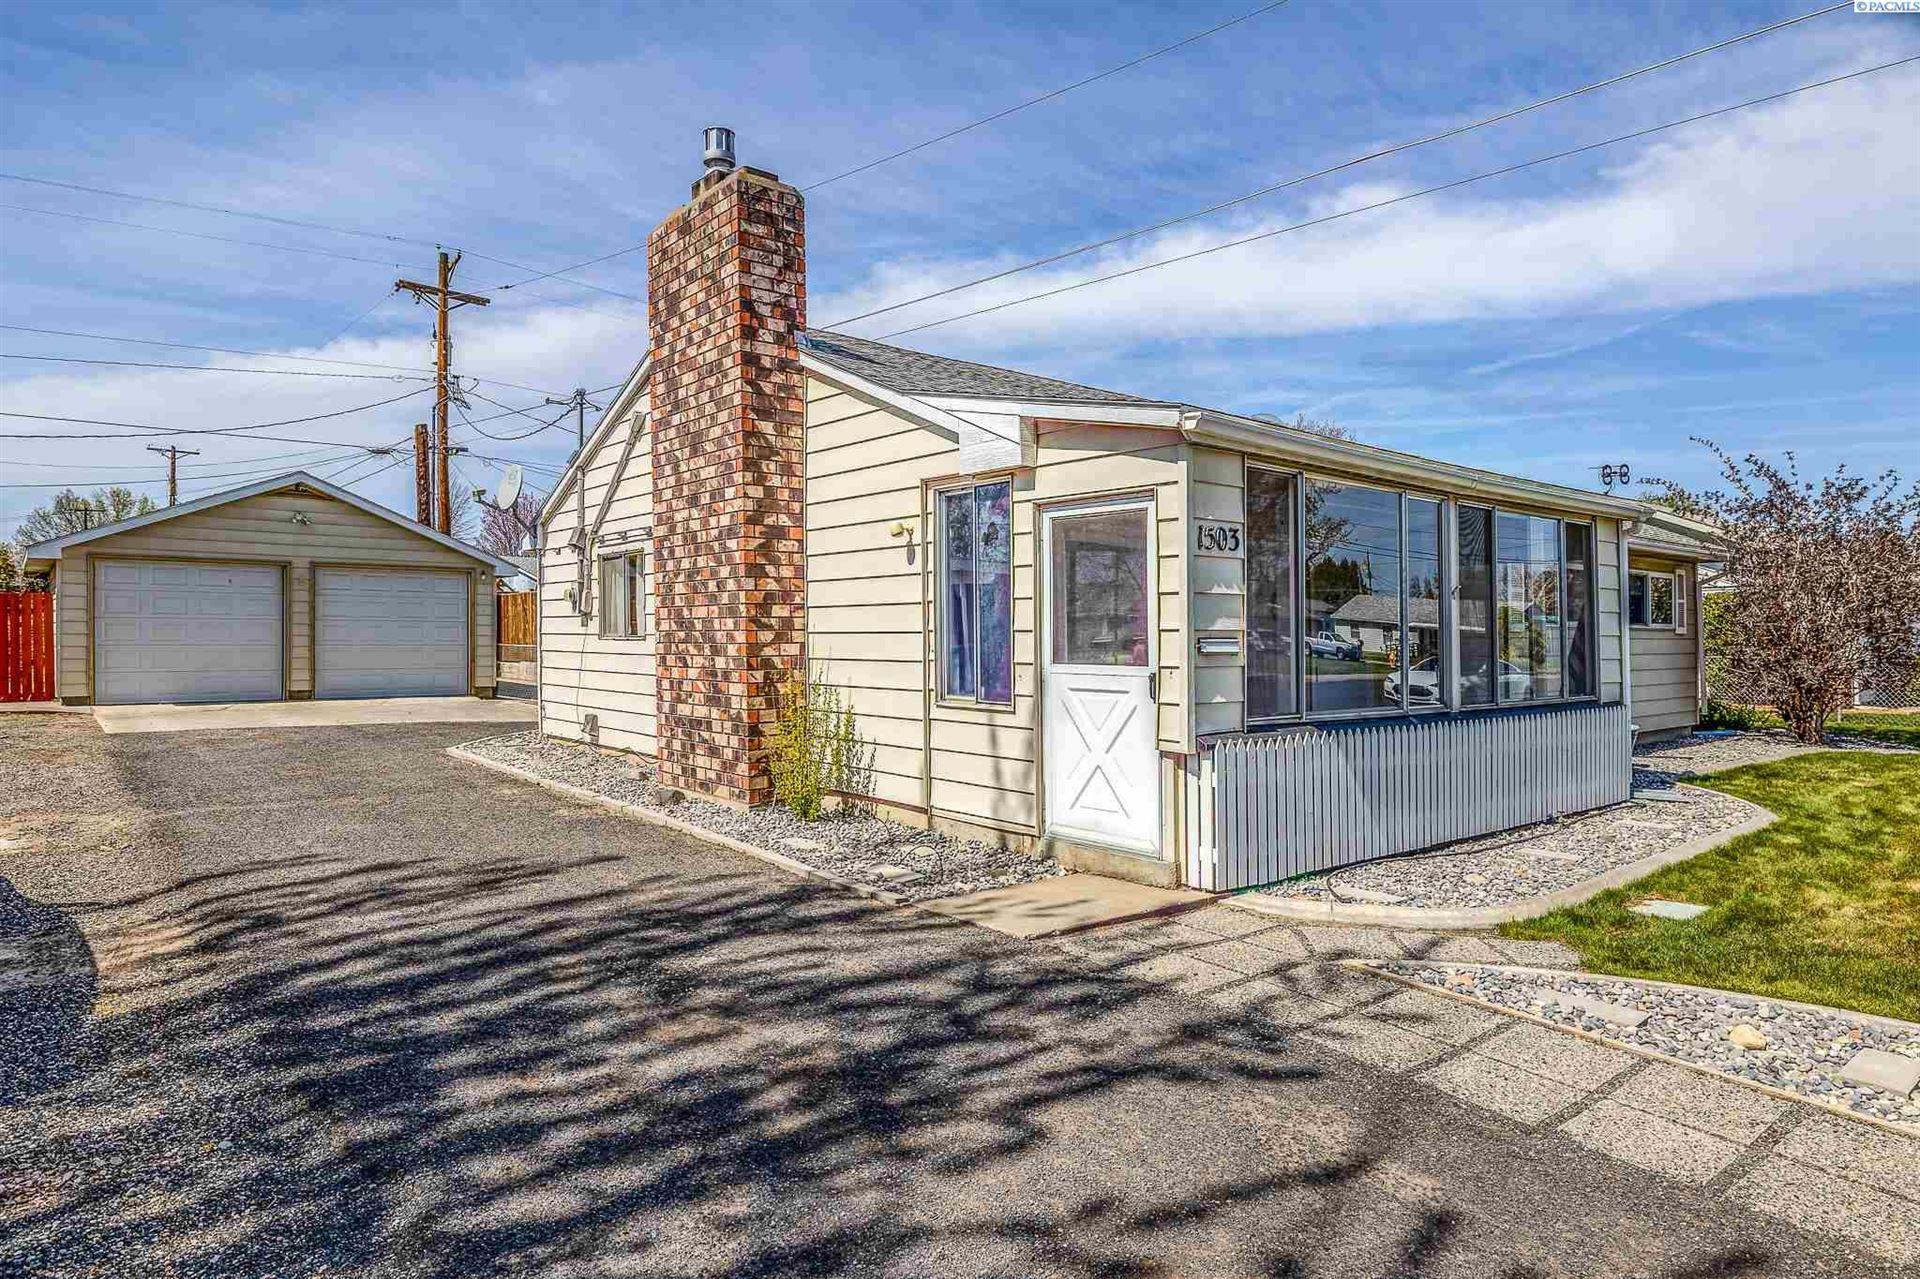 Photo of 1503 Wright Ave, Richland, WA 99354 (MLS # 252918)